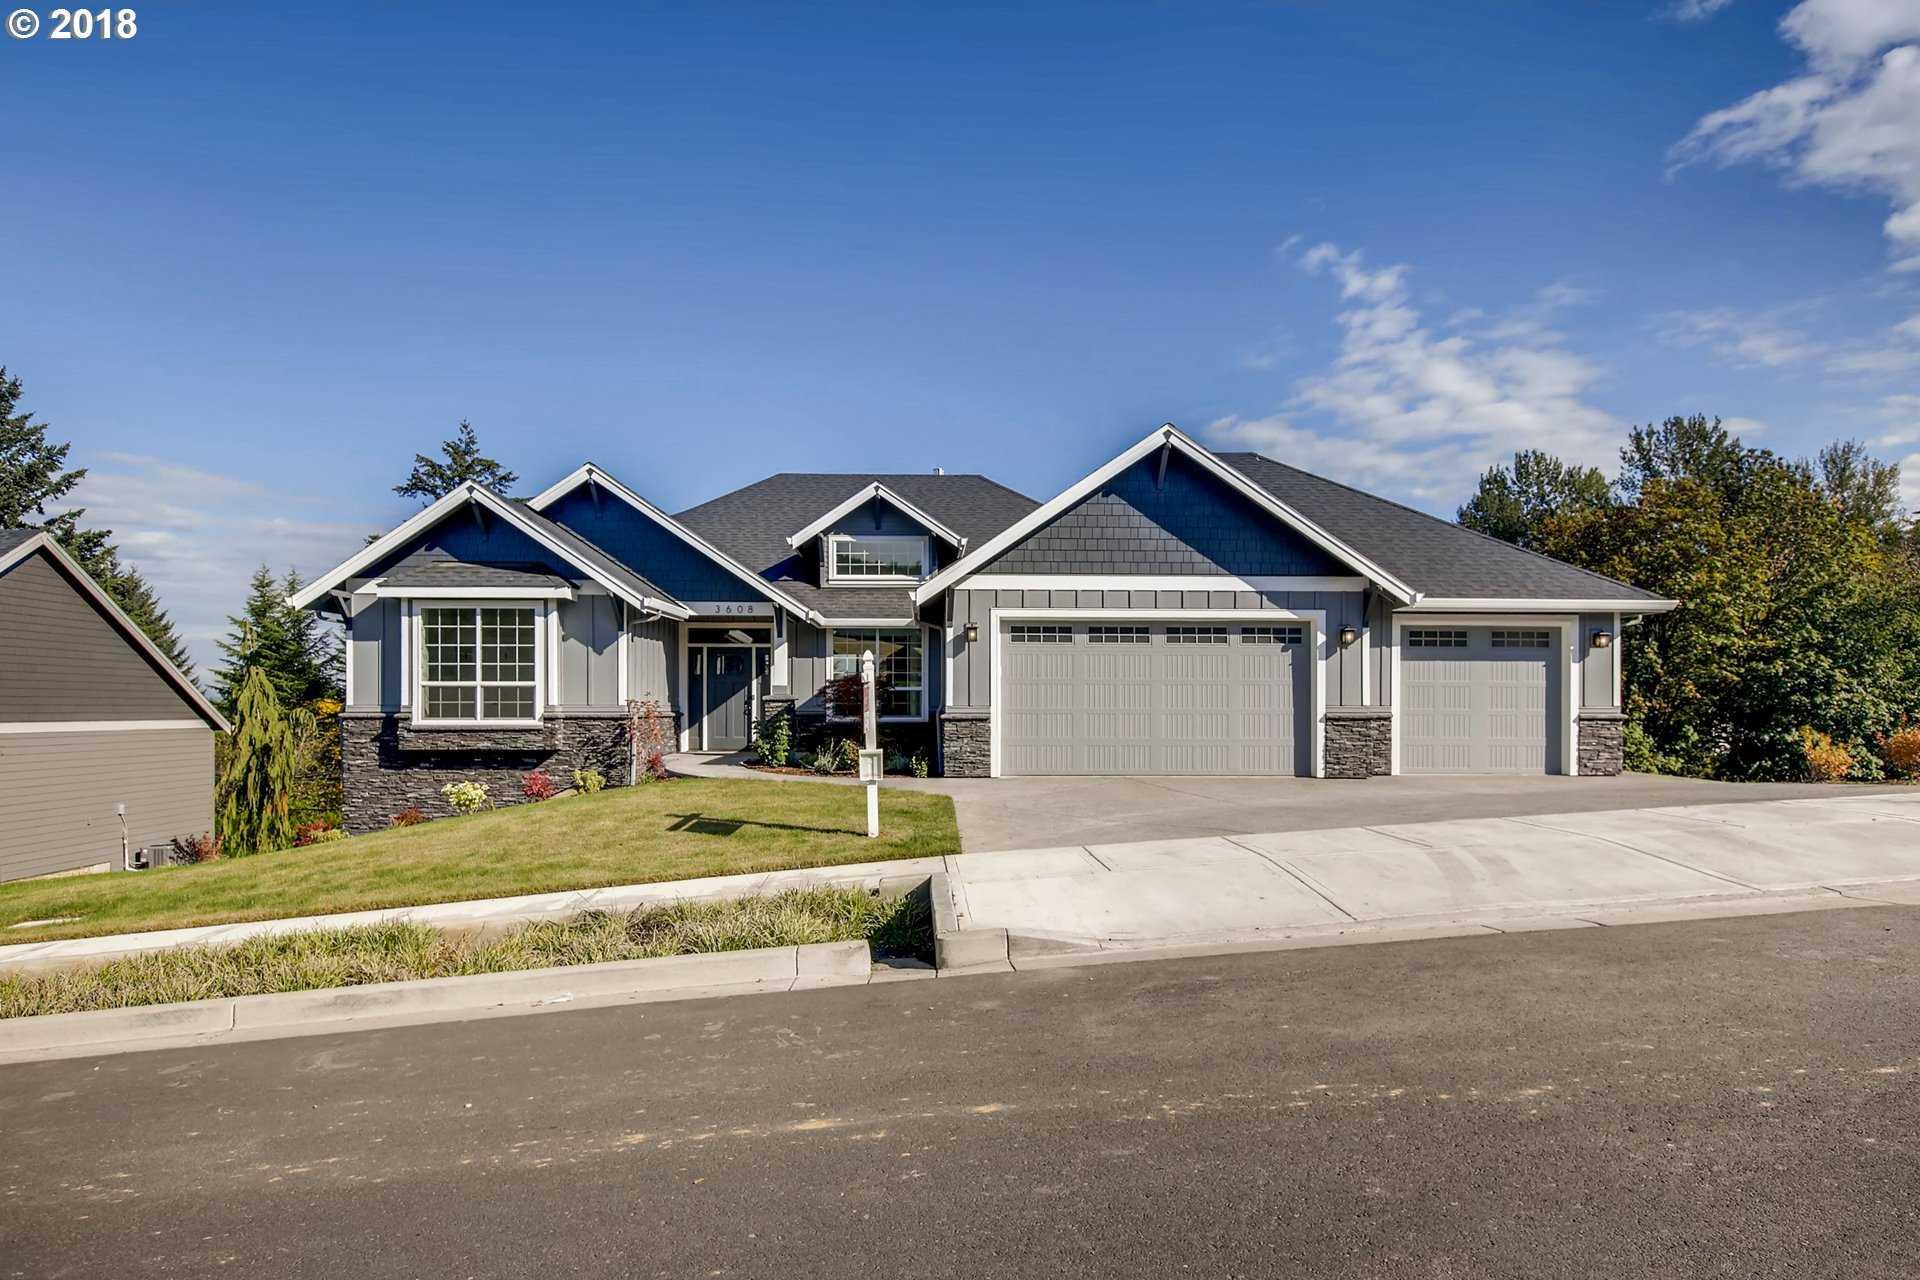 $599,900 - 4Br/3Ba -  for Sale in Hilltop View Estates, Gresham